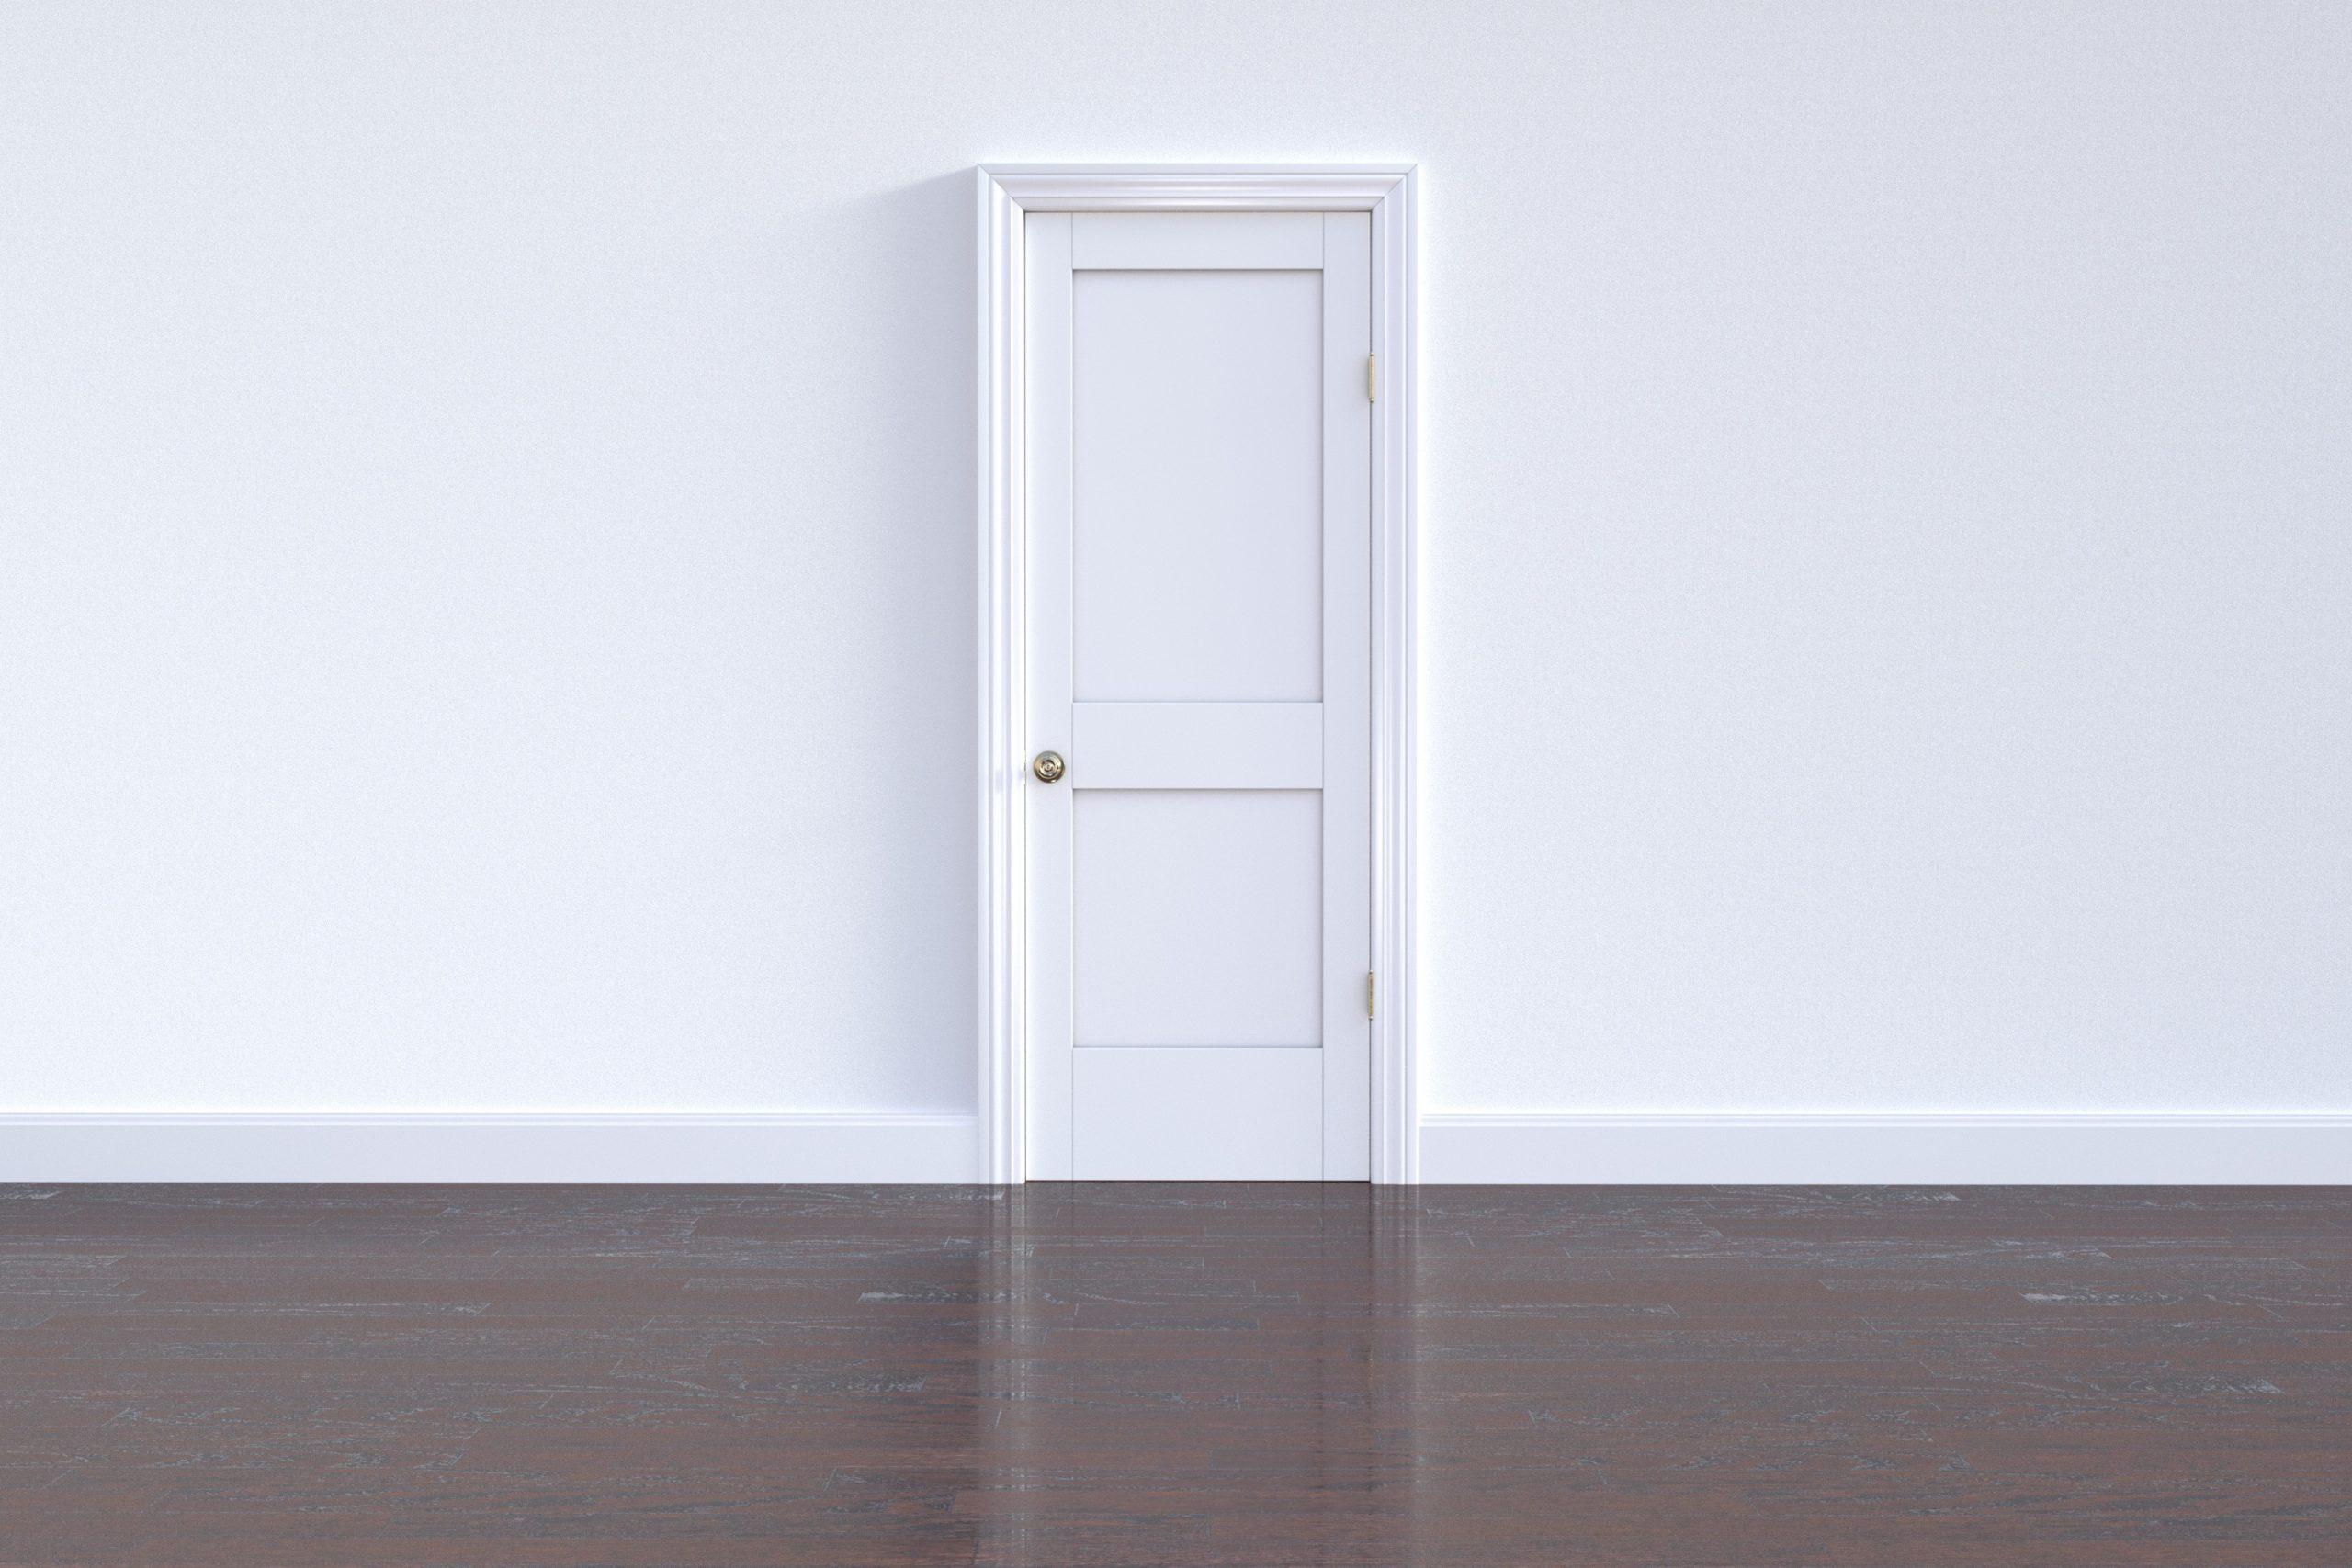 Reinforce An Interior Door